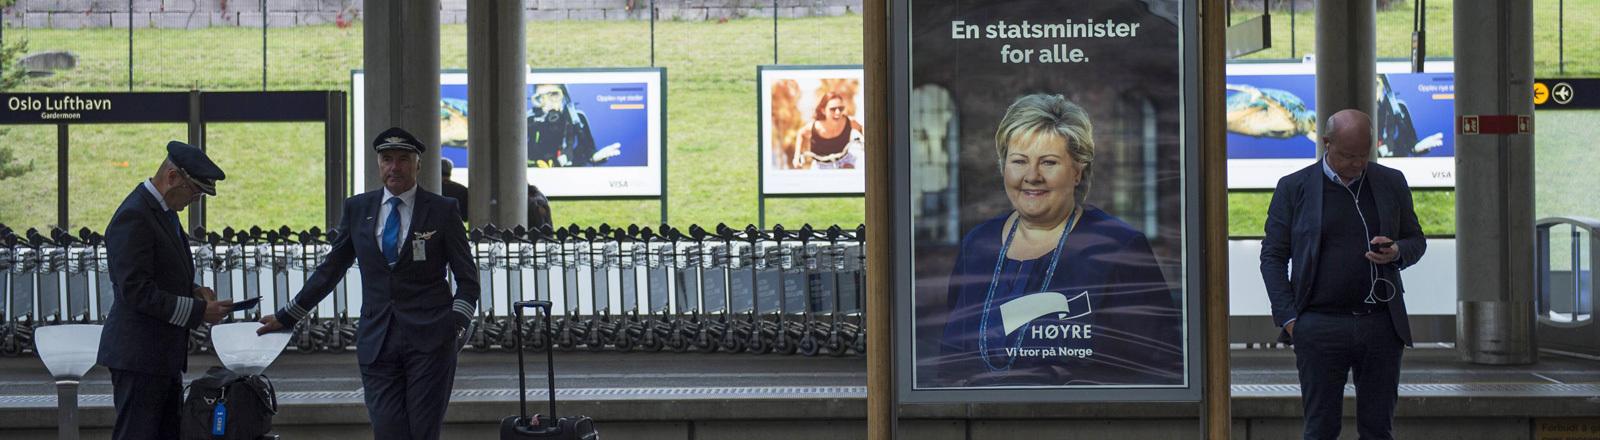 Auf einem Bahnsteig warten Fahrgäste. Zwischen ihnen steht ein Wahlplakat.